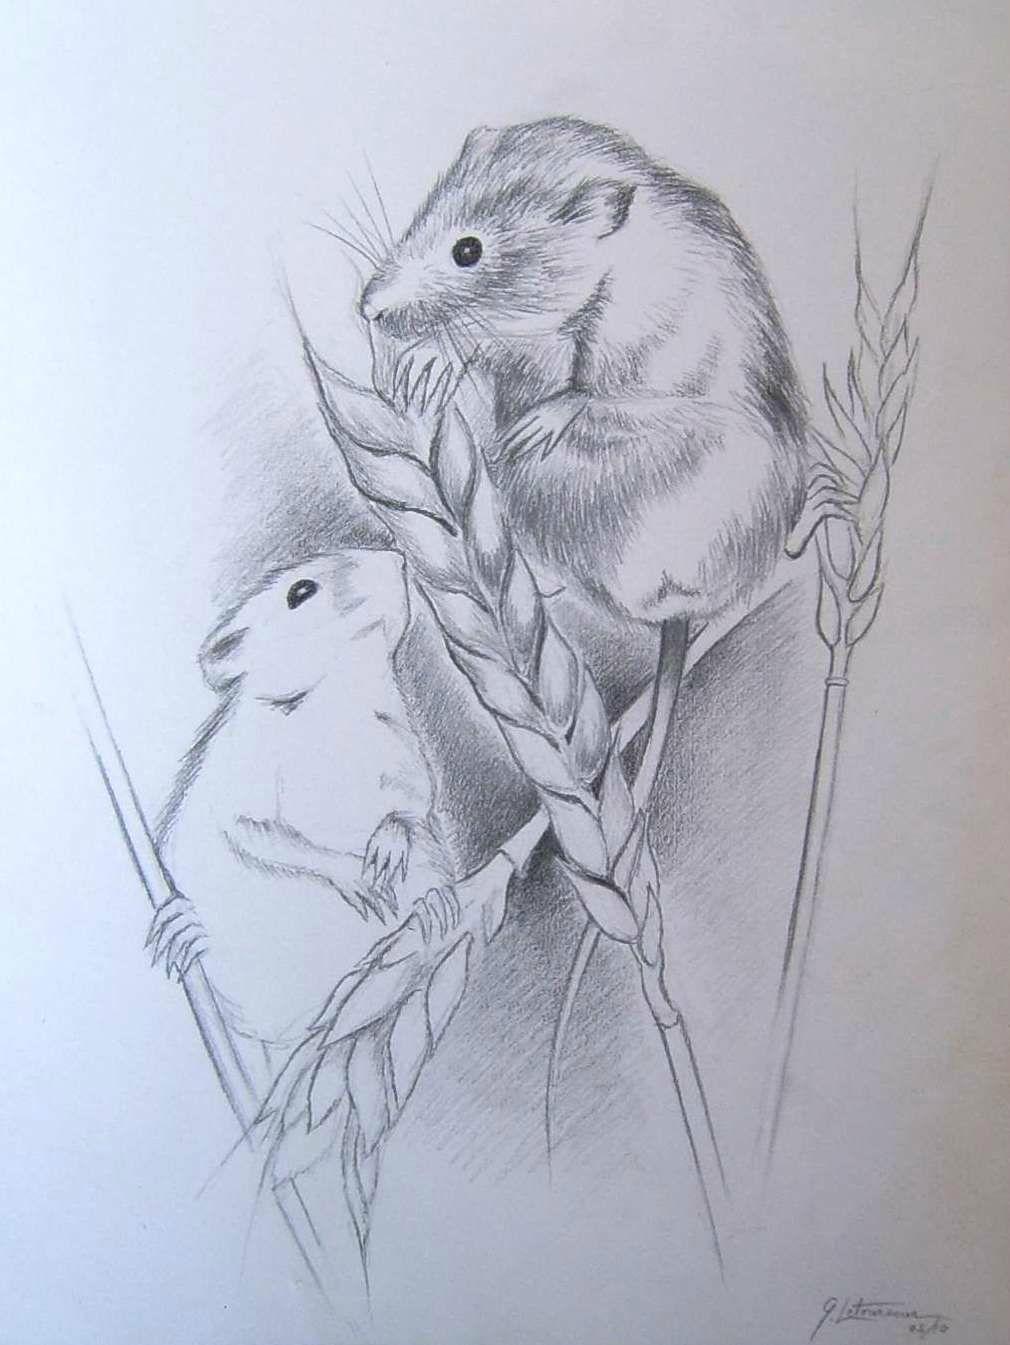 Dessin crayon rats des moissons dans champ de blé - Dessin animaux sauvages - Ghislaine Letourneur - Desenul a şobolanilor recoltele -